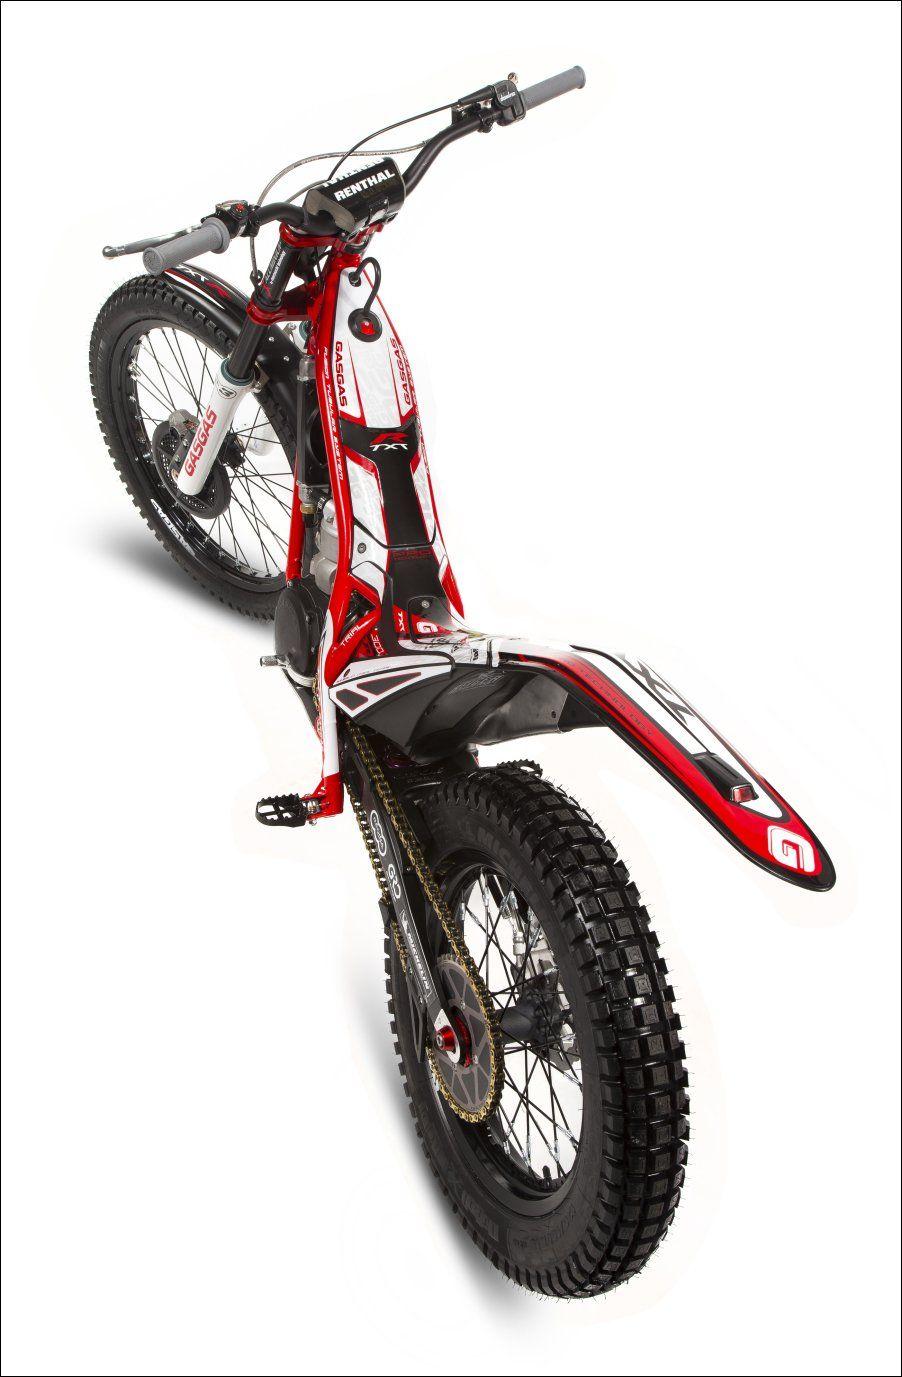 2014 Racing Top 900 Jpg 902 1377 Motorcycle Bike Trial Bike